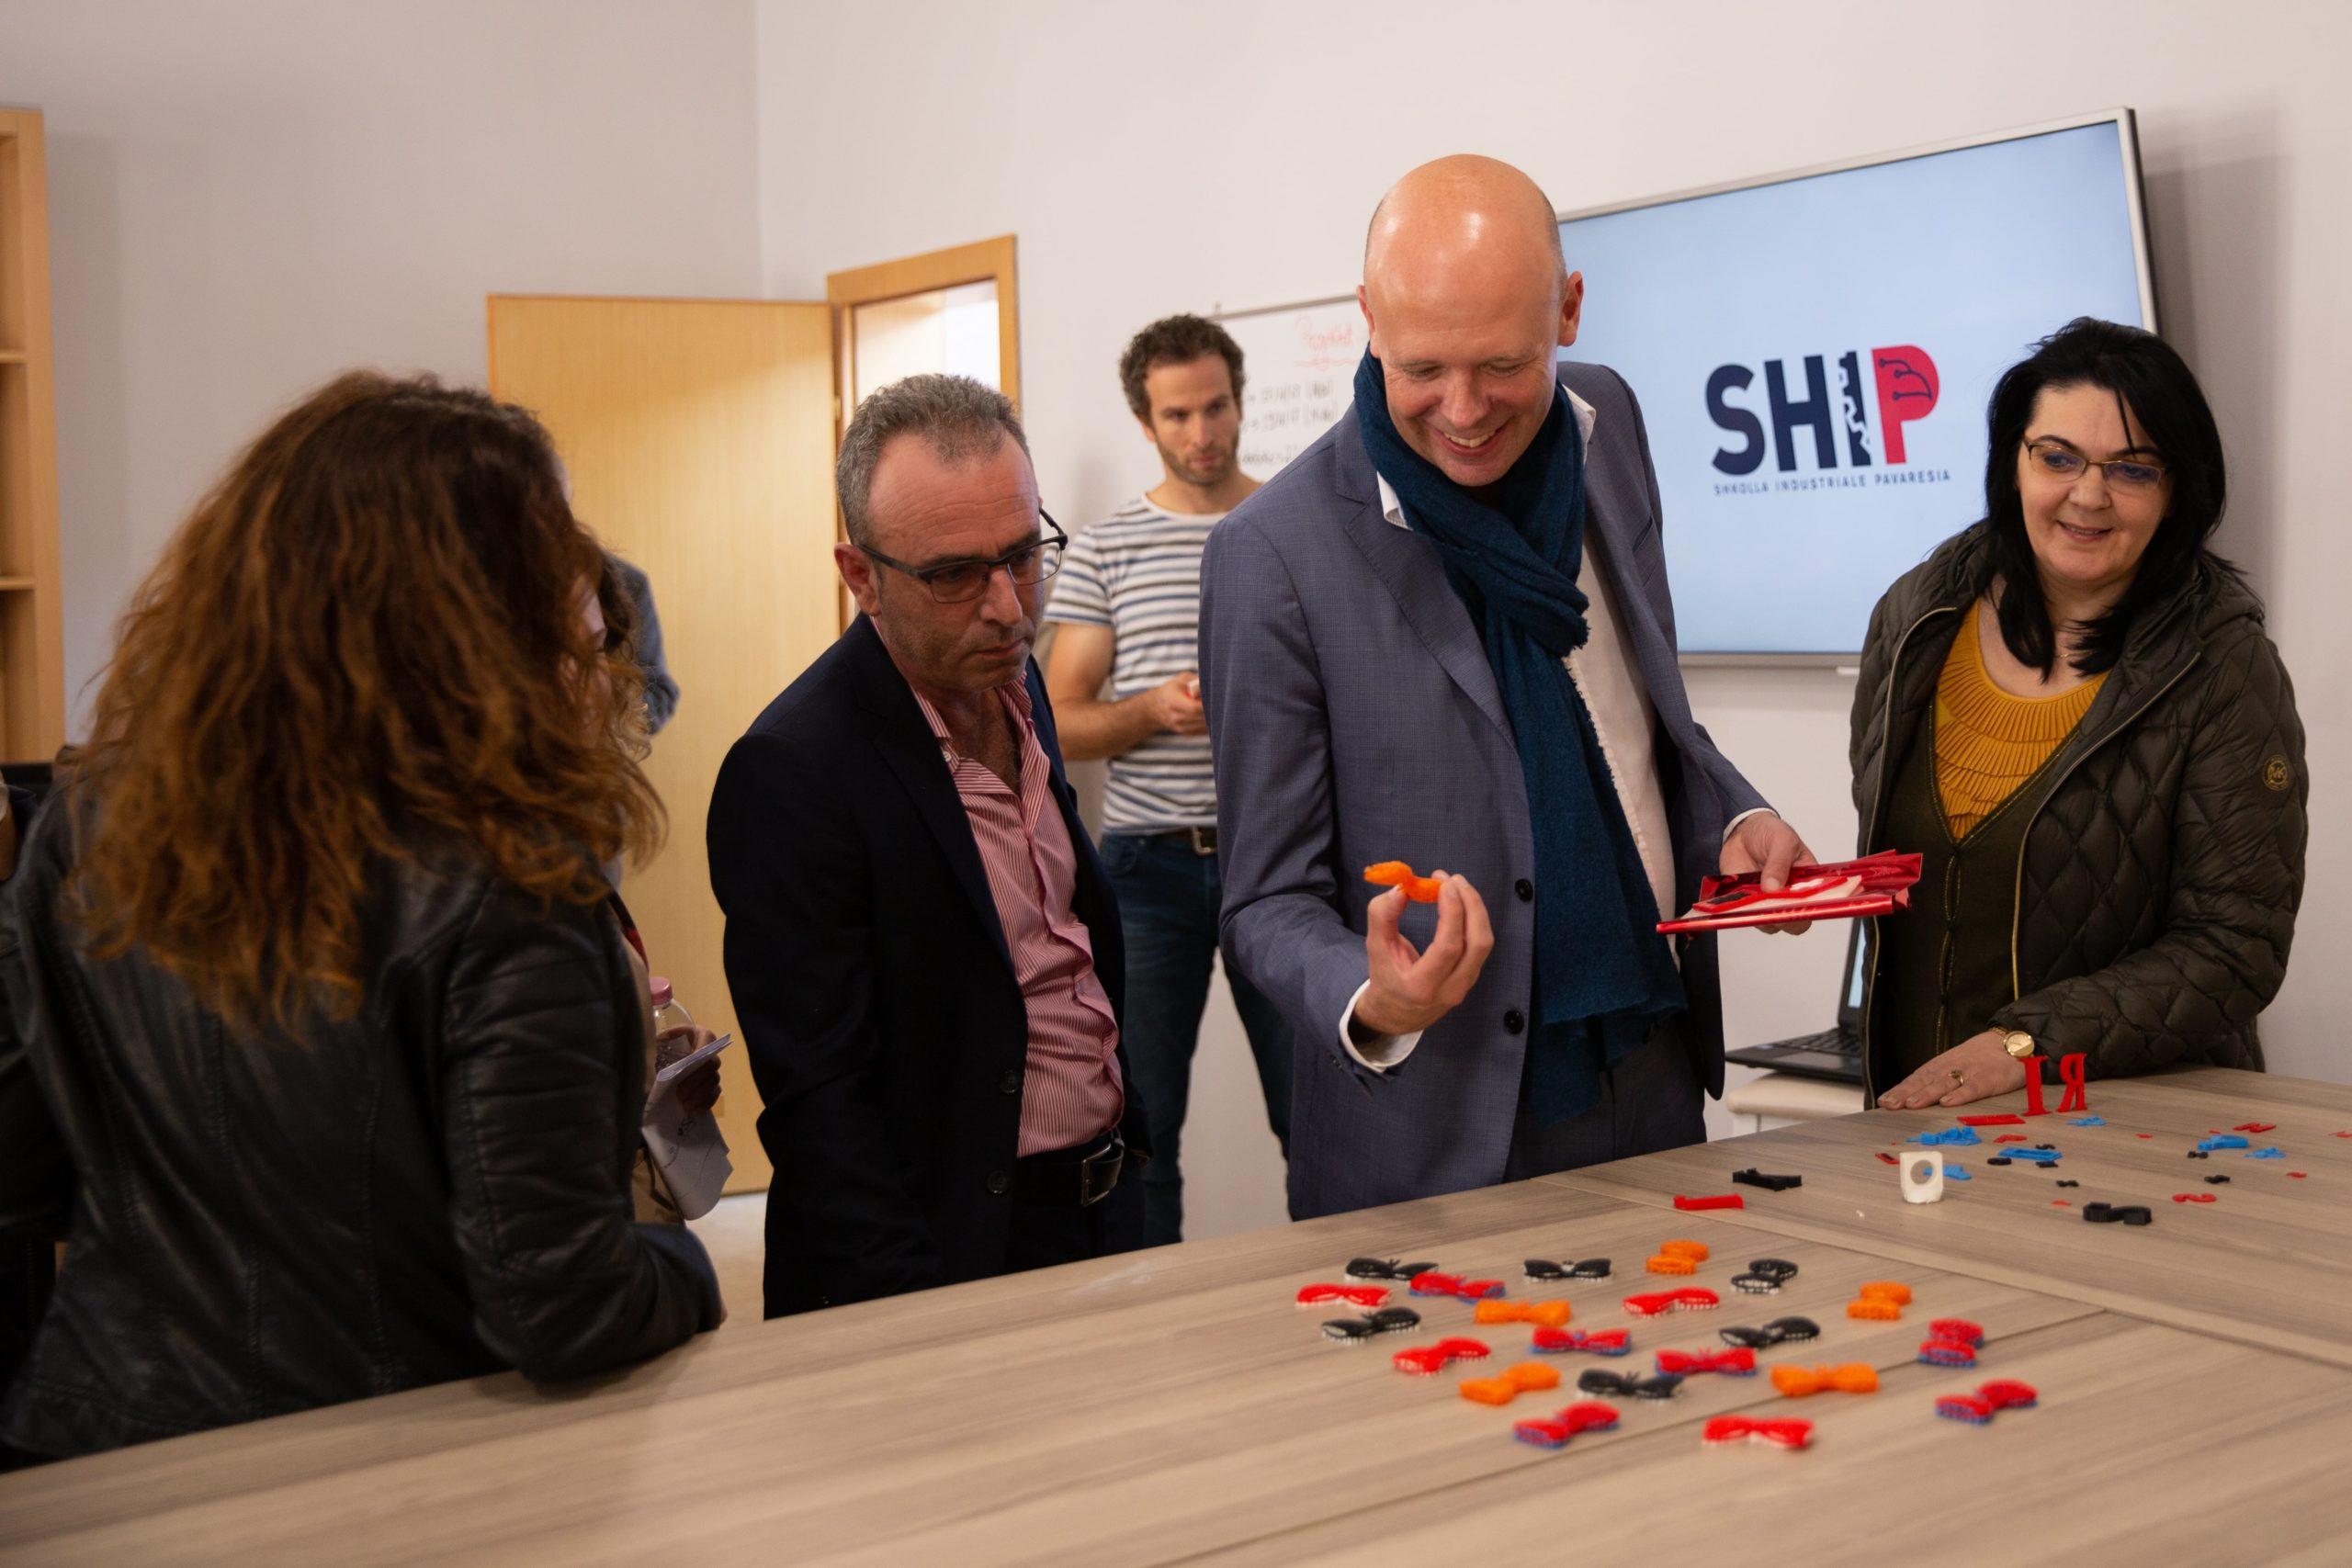 SHIP pret vizitën e mësuesve nga shkolla zvicerane IDM